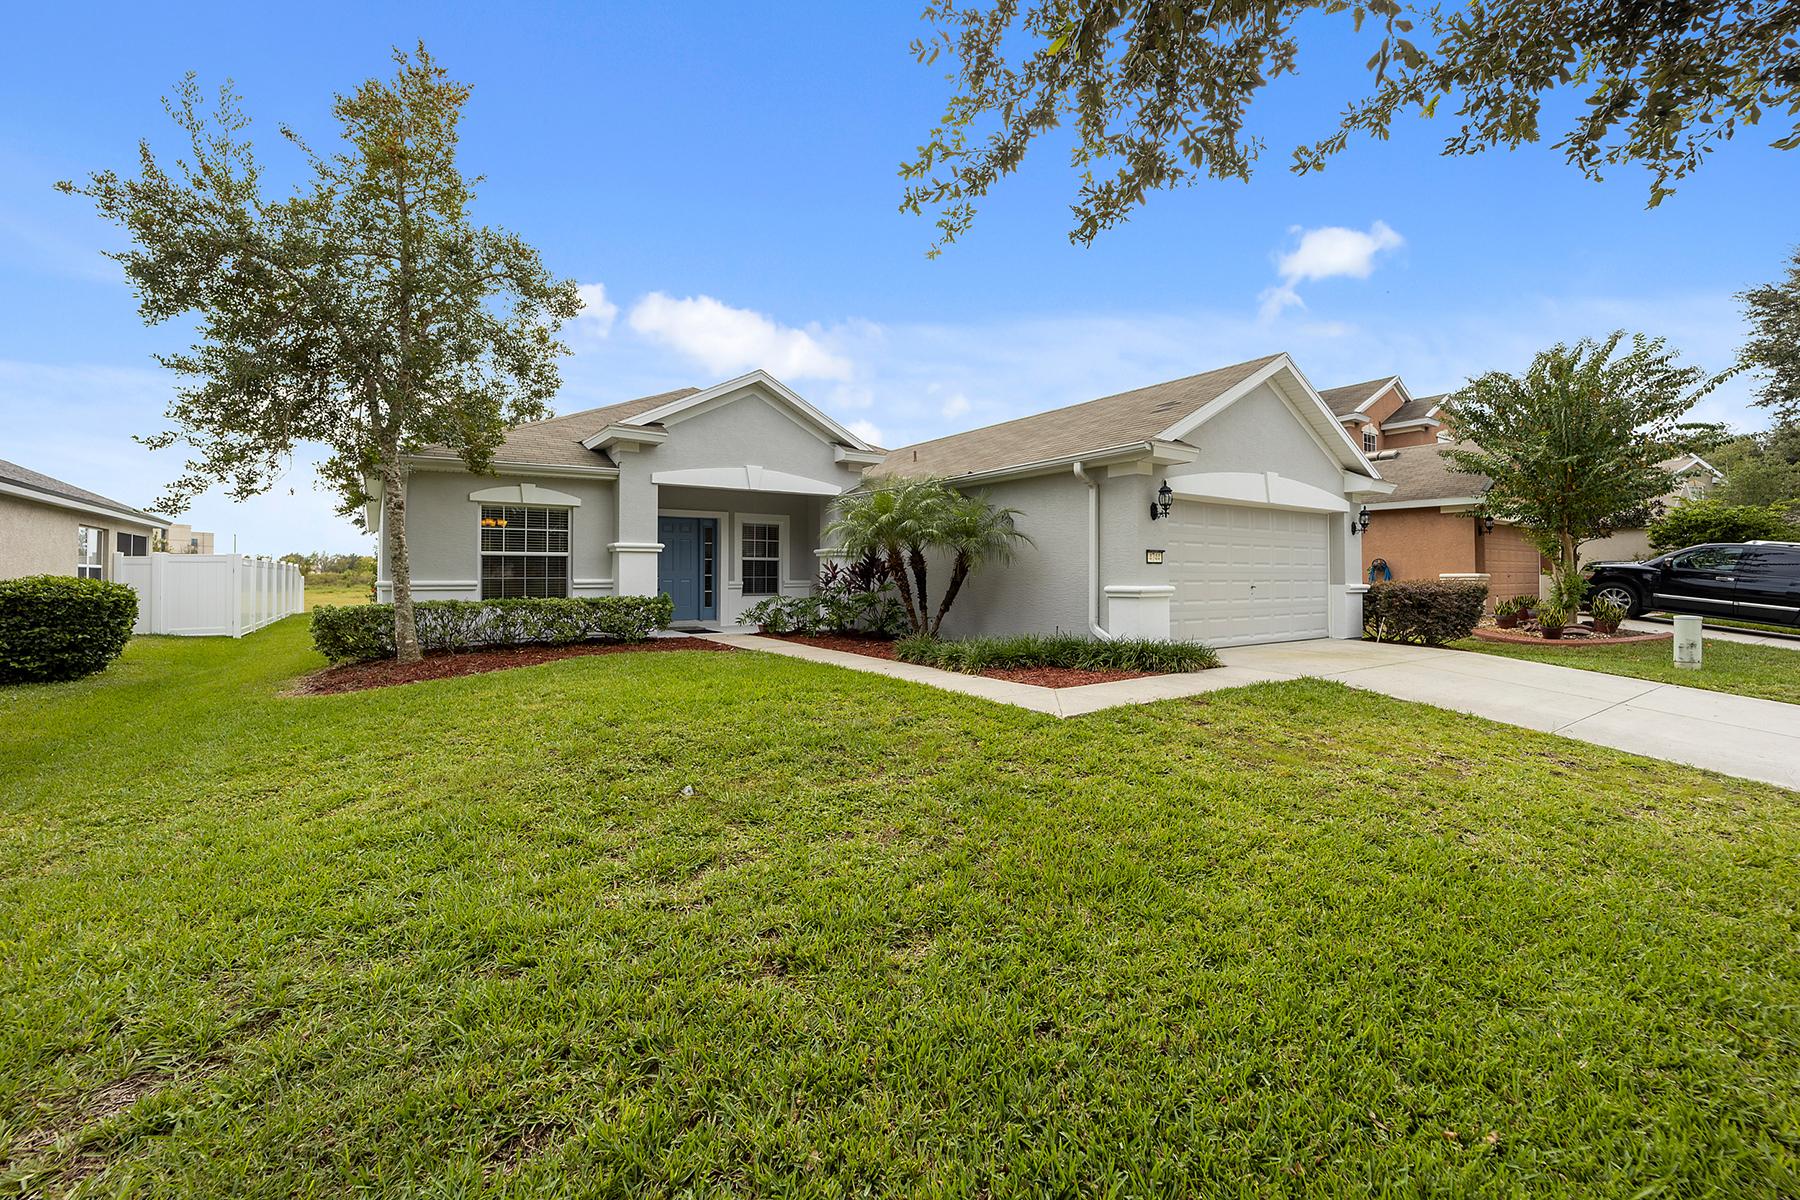 Single Family Homes für Verkauf beim OCALA 4744 42nd St, Ocala, Florida 34474 Vereinigte Staaten